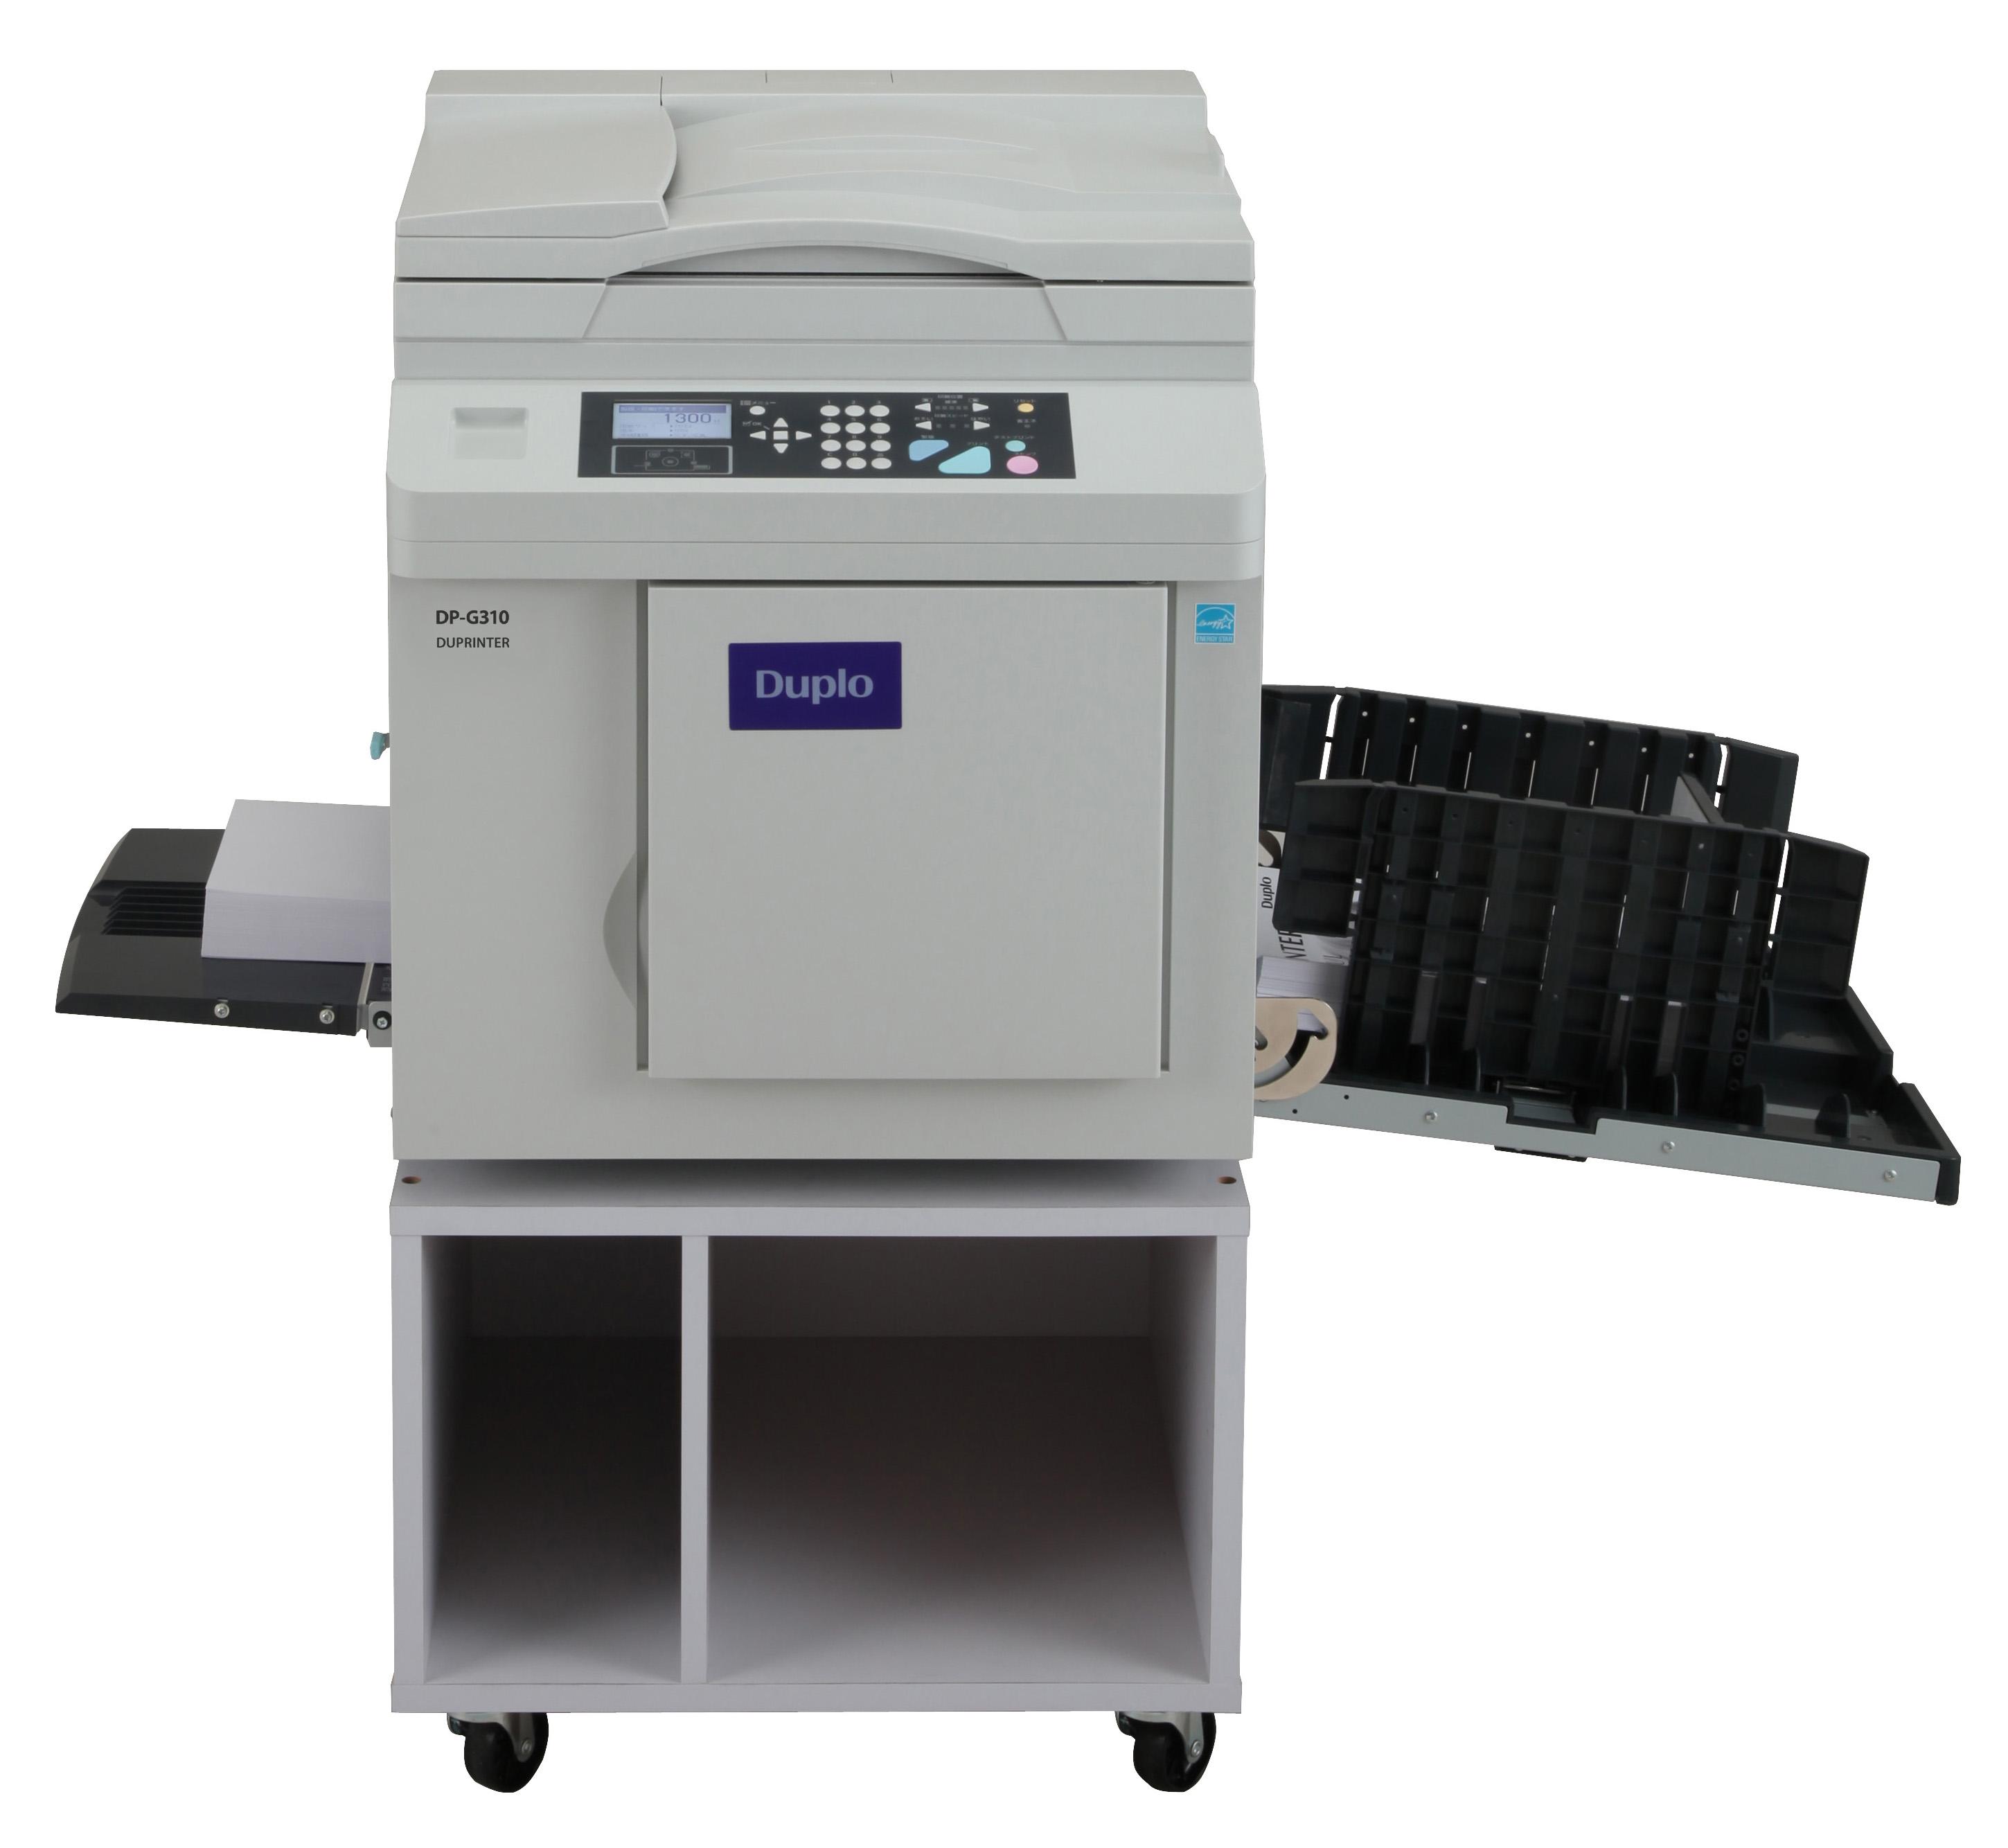 duplo DP-G Series duplicator